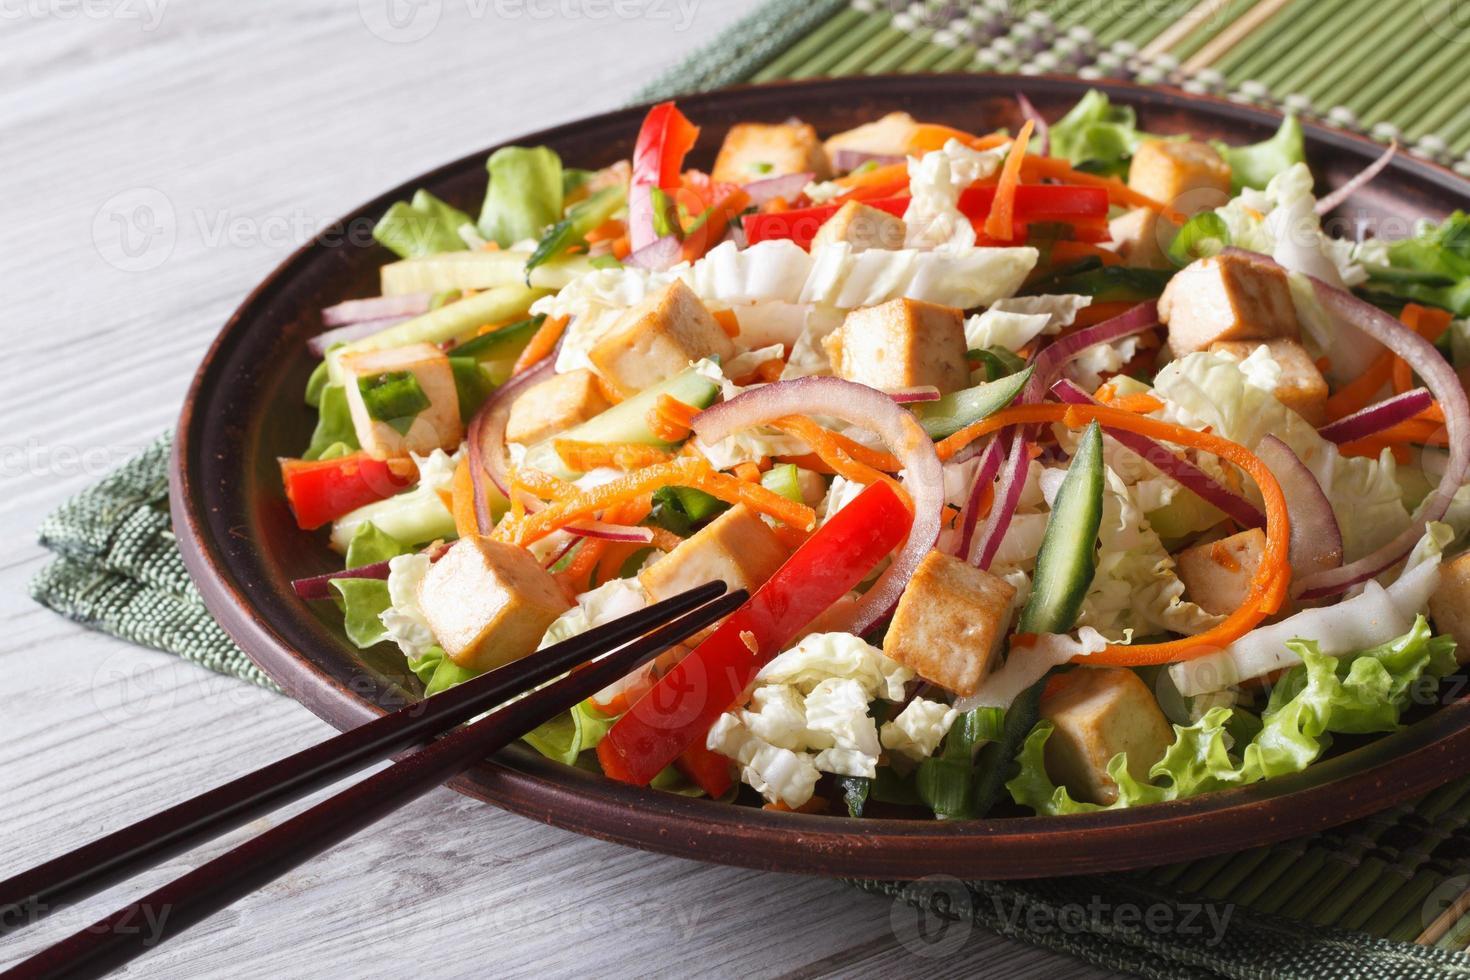 salada dietética com tofu e legumes frescos horizontais foto